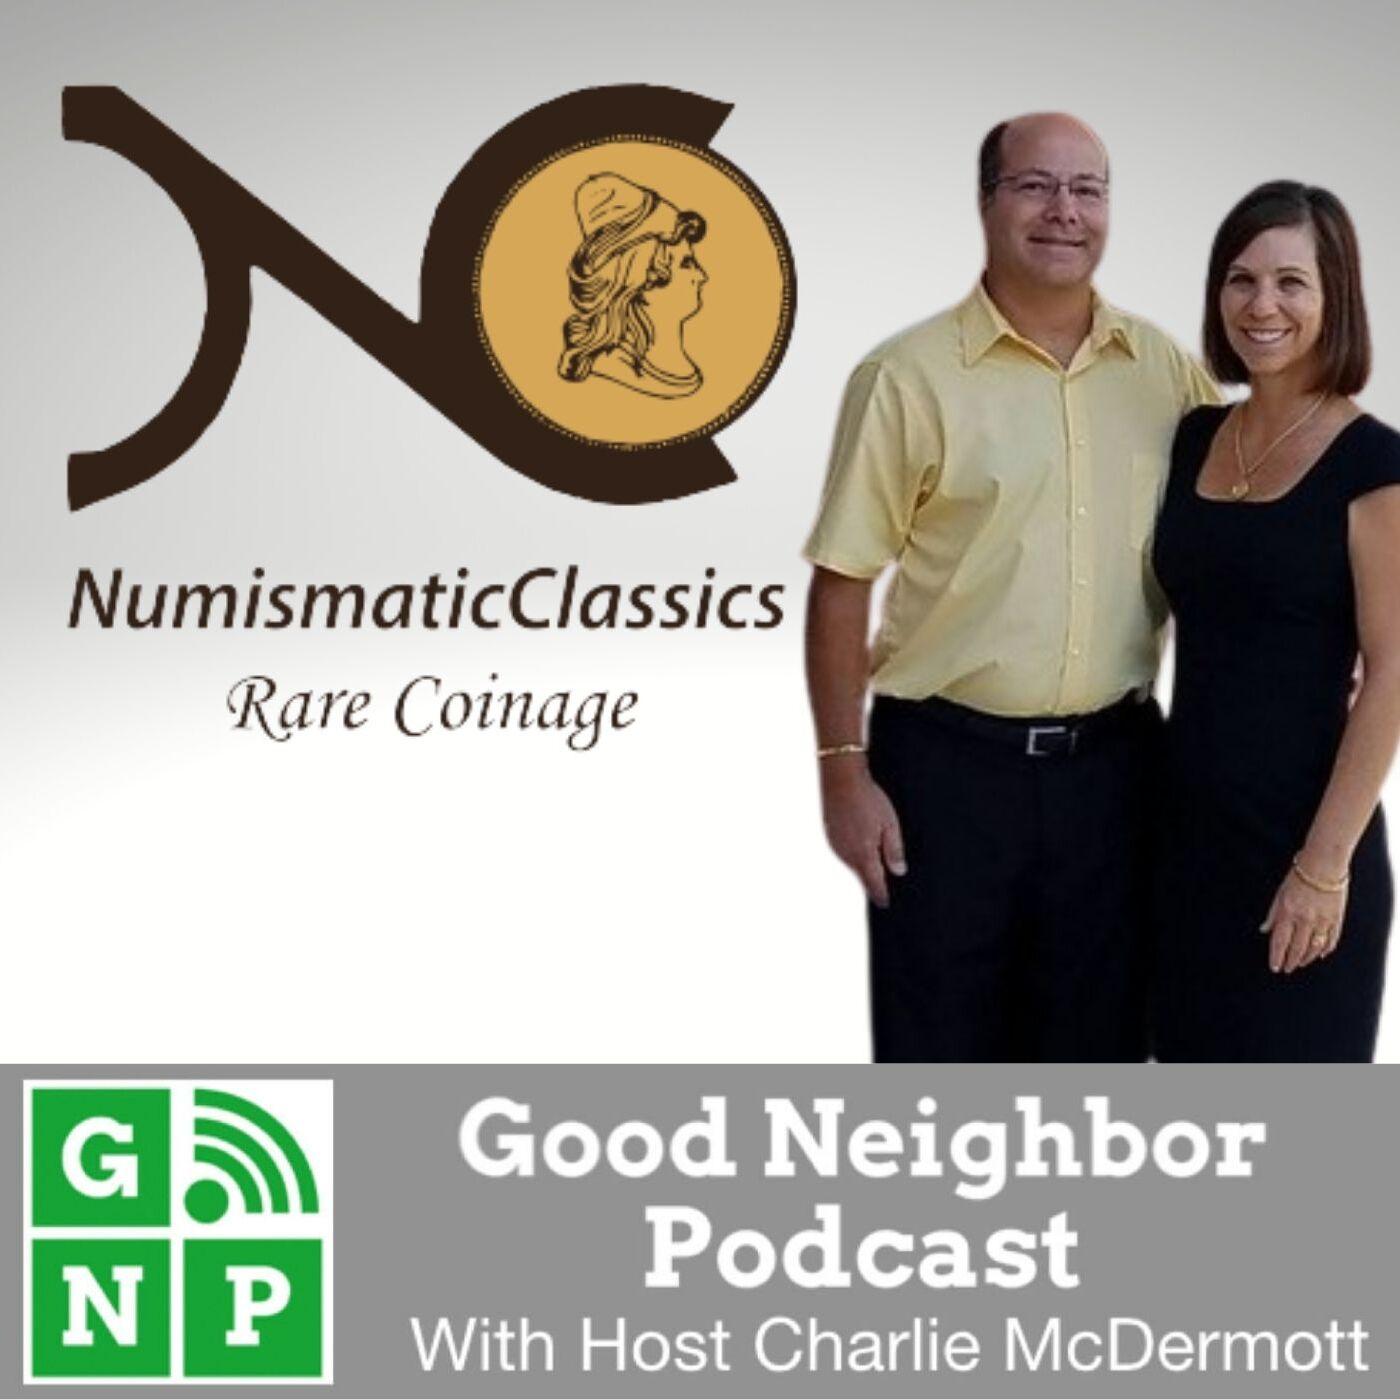 EP #439: NumismaticClassics with Rick & Patricia DeSanctis